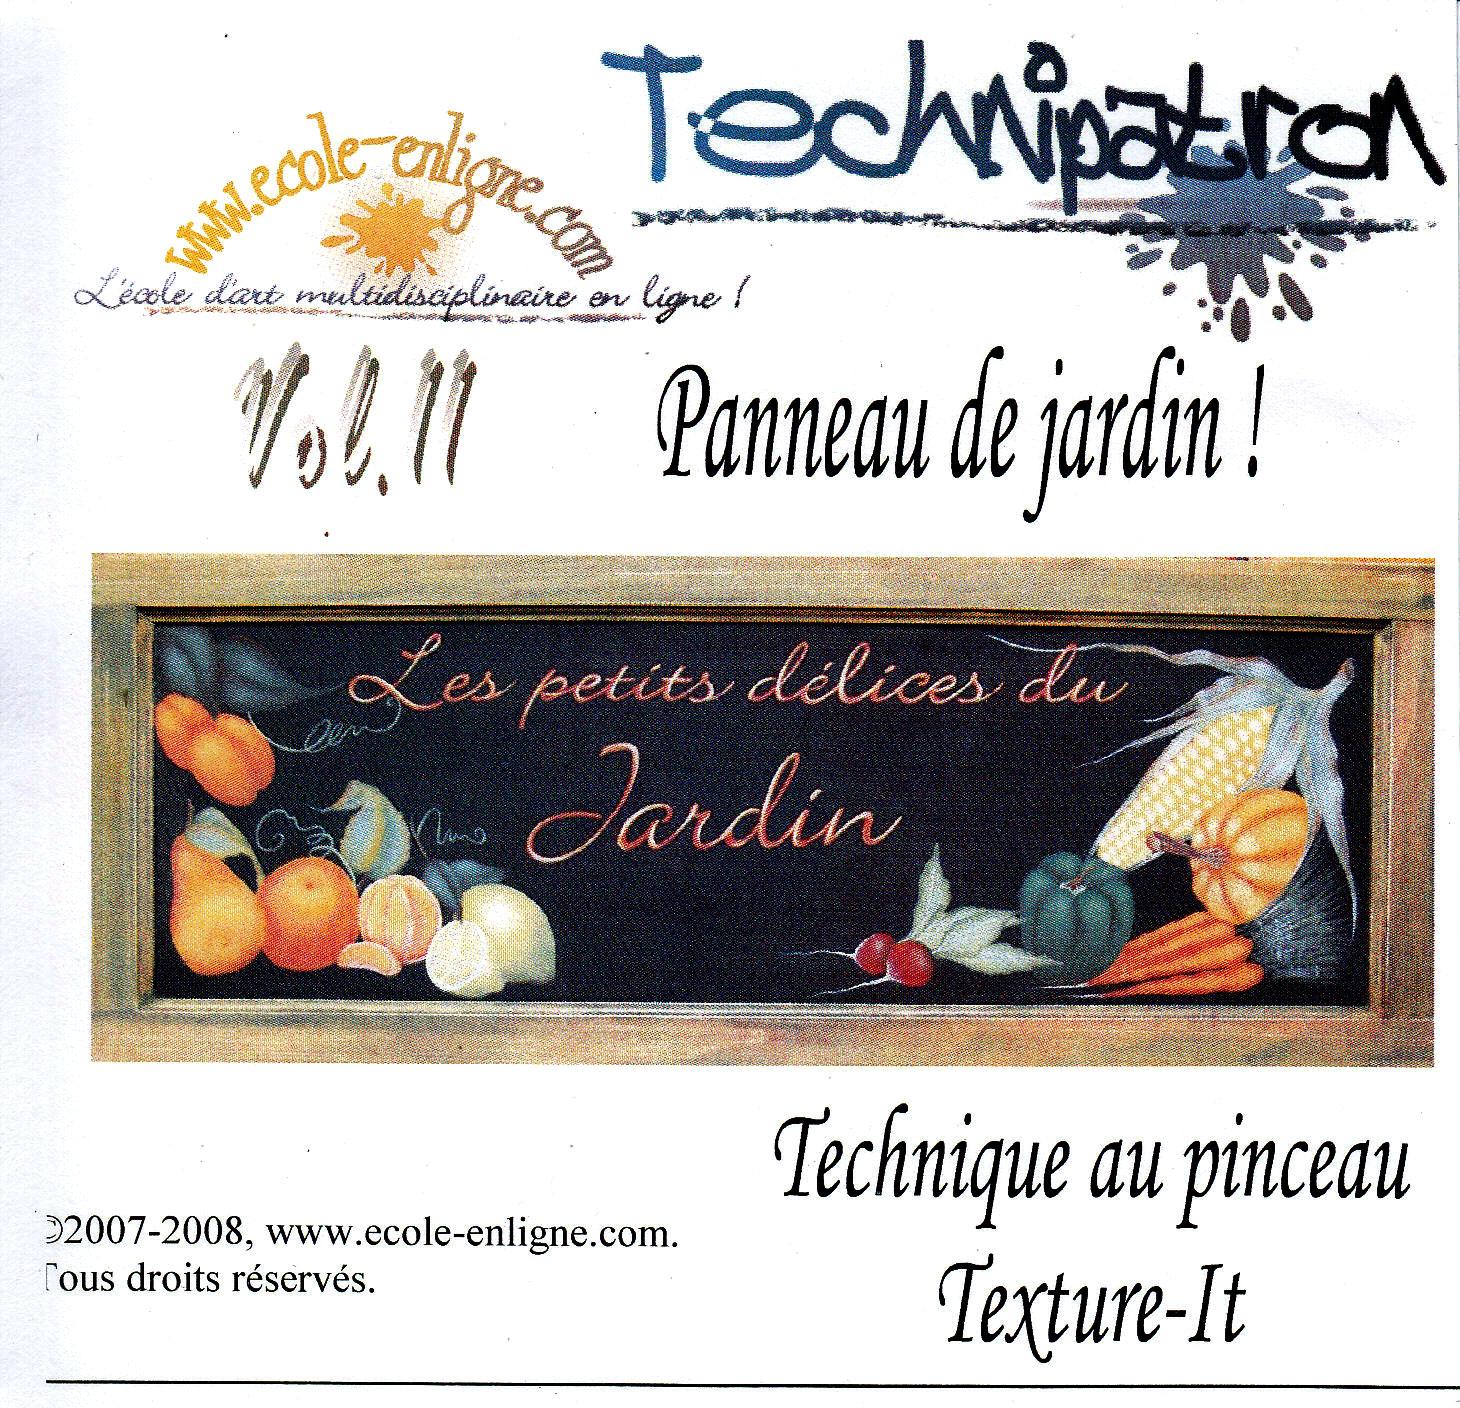 Panneau de jardin - Technipatron Vol 11